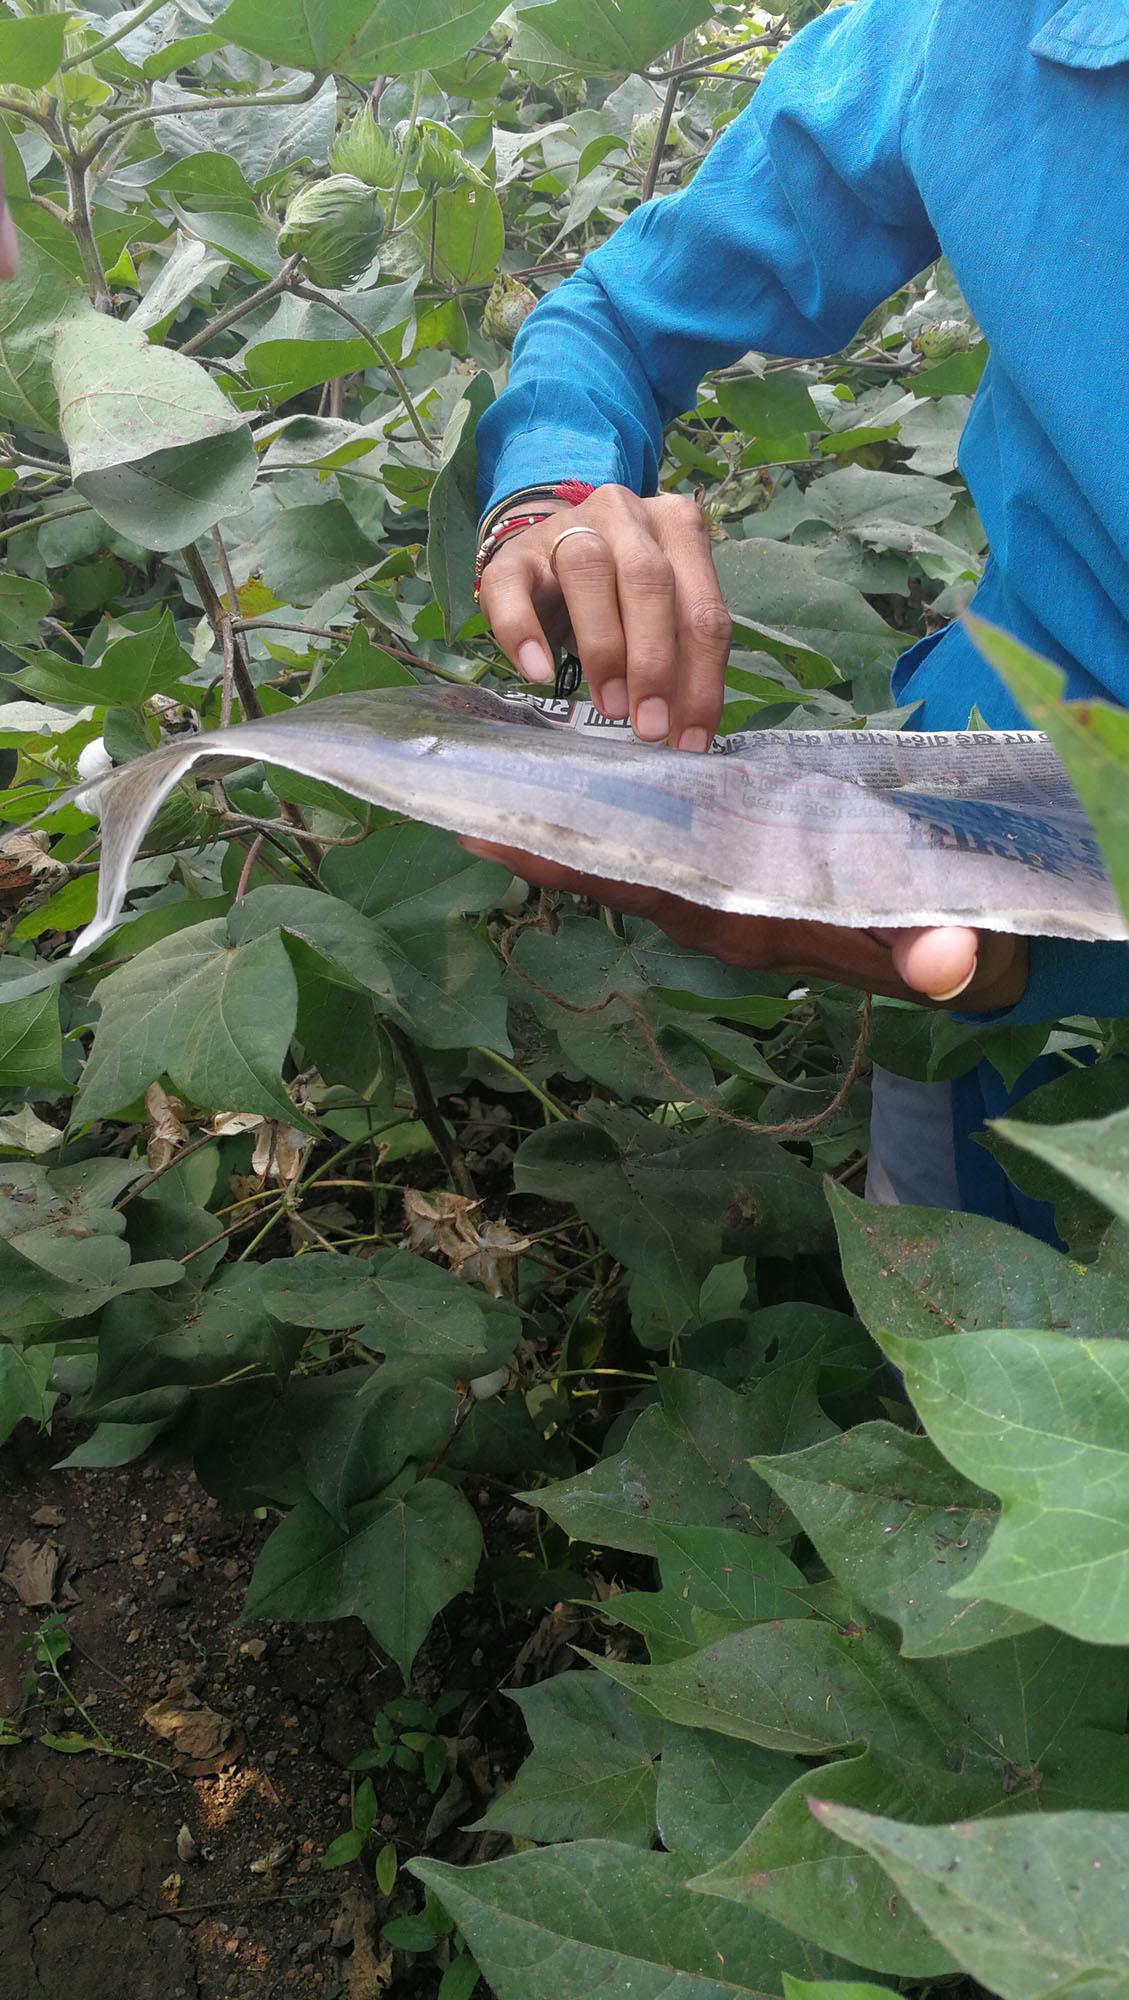 Natürliche Schädlingsbekämpfung mit Kuh-Urin /  Biological pest control with cow urin